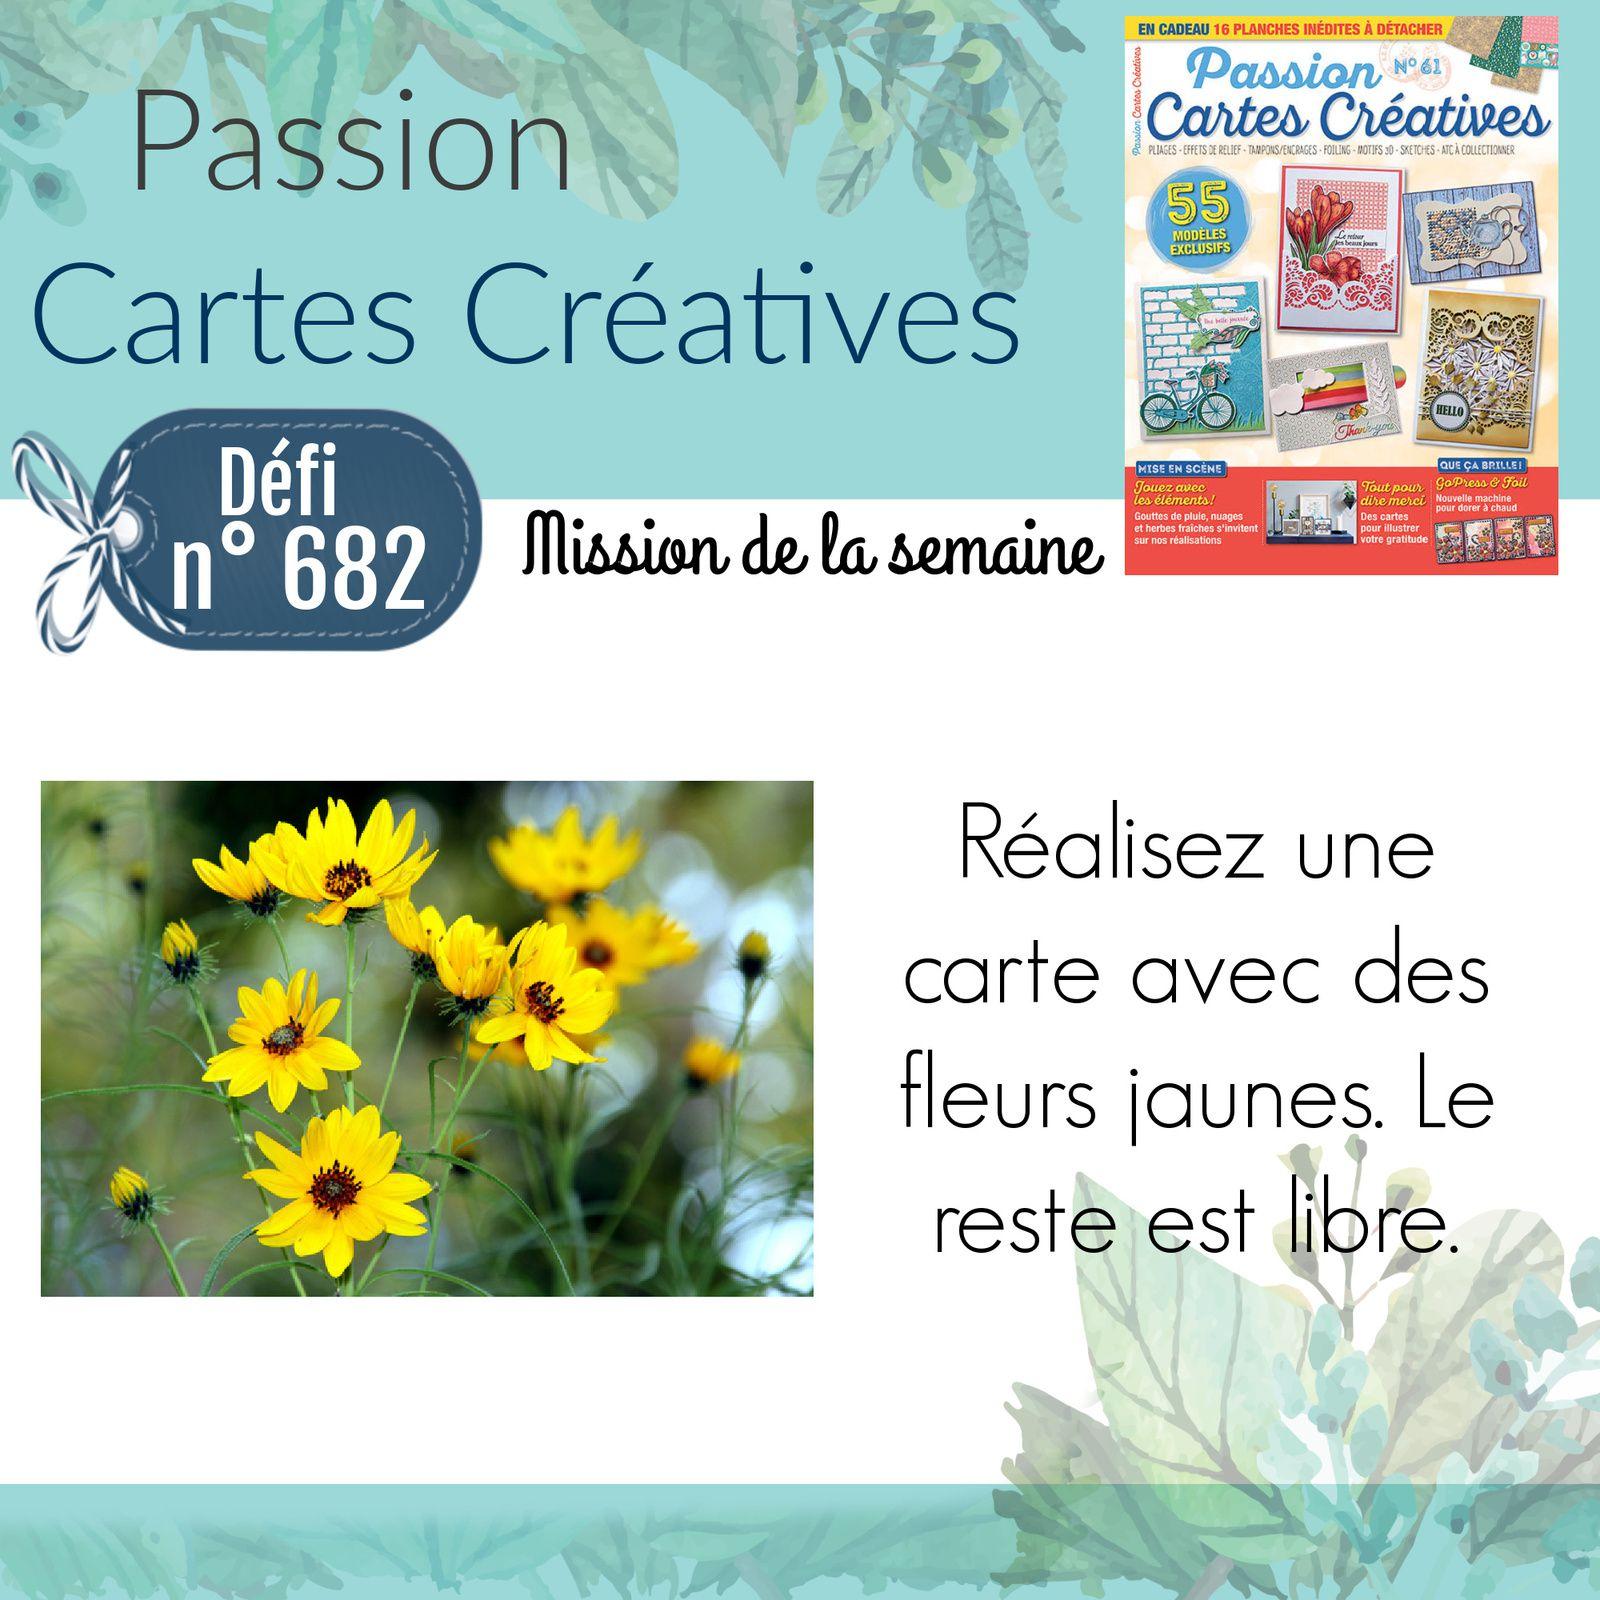 Défi 682 de Passion Cartes Créatives